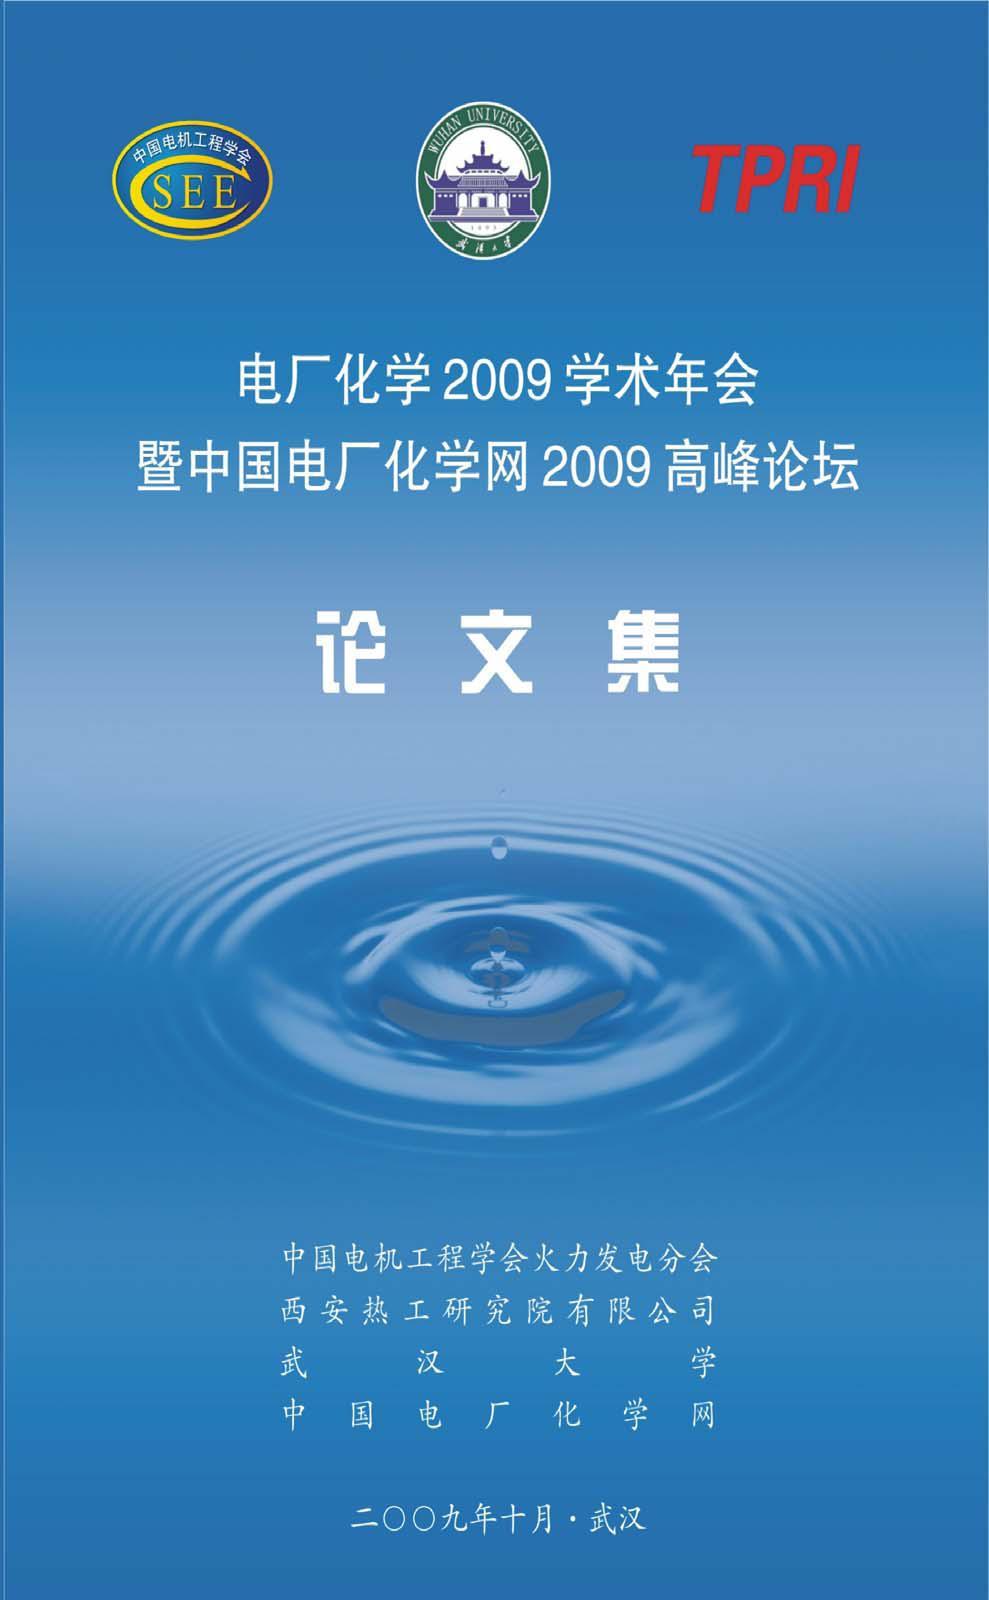 贵宾会员zhuh提供----一台110kv 变压器油中乙炔含量异常的故障分析